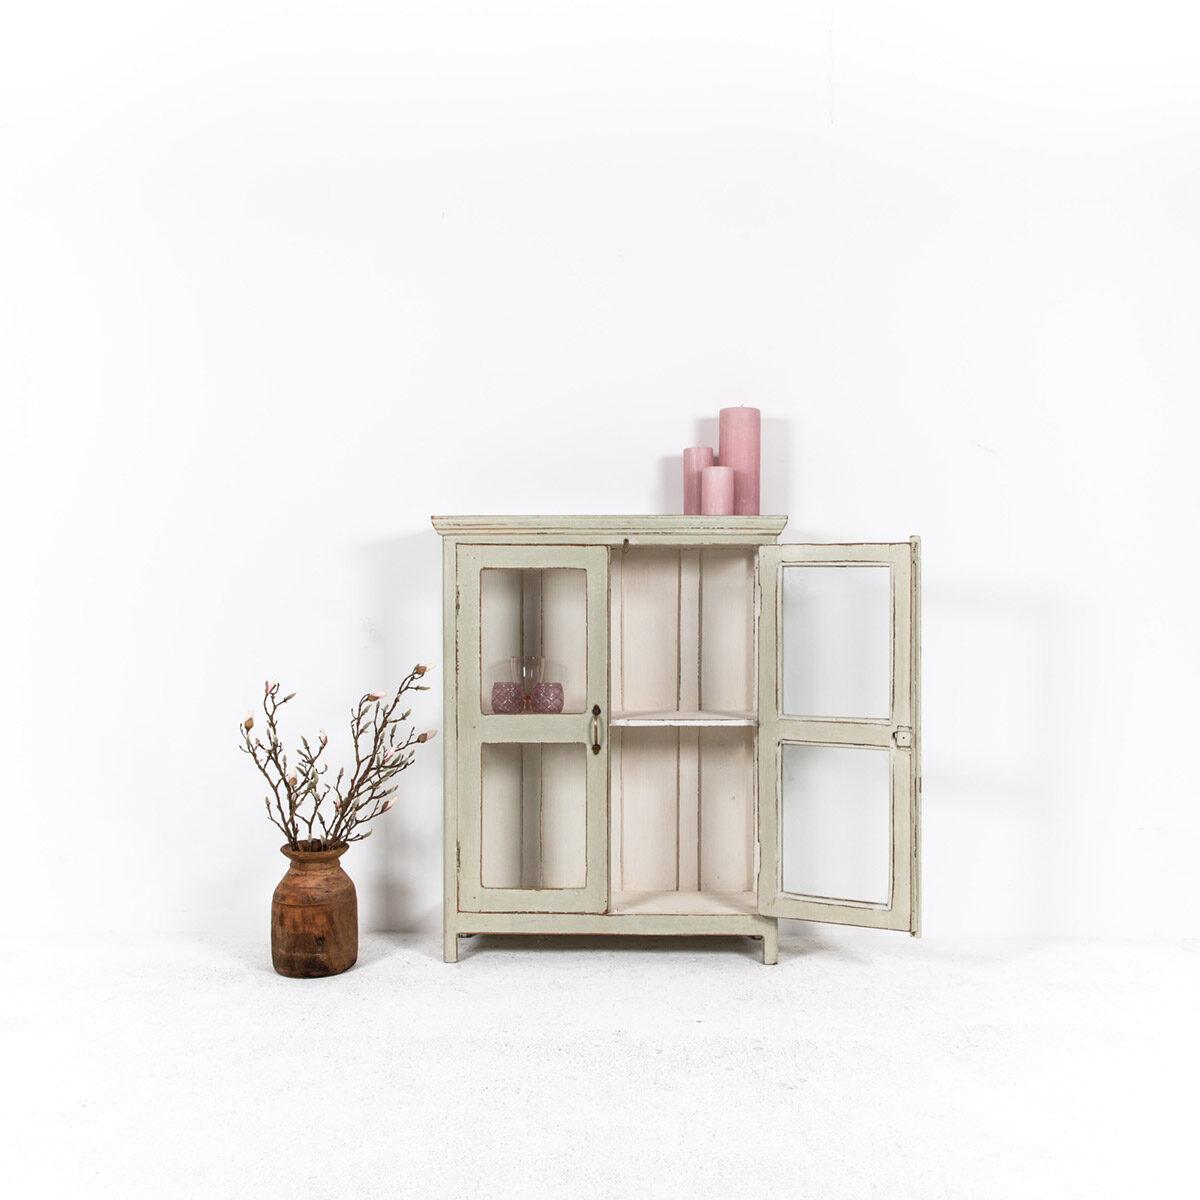 Vitrinekast-2-glazen-deuren-oud-groengrijs-2